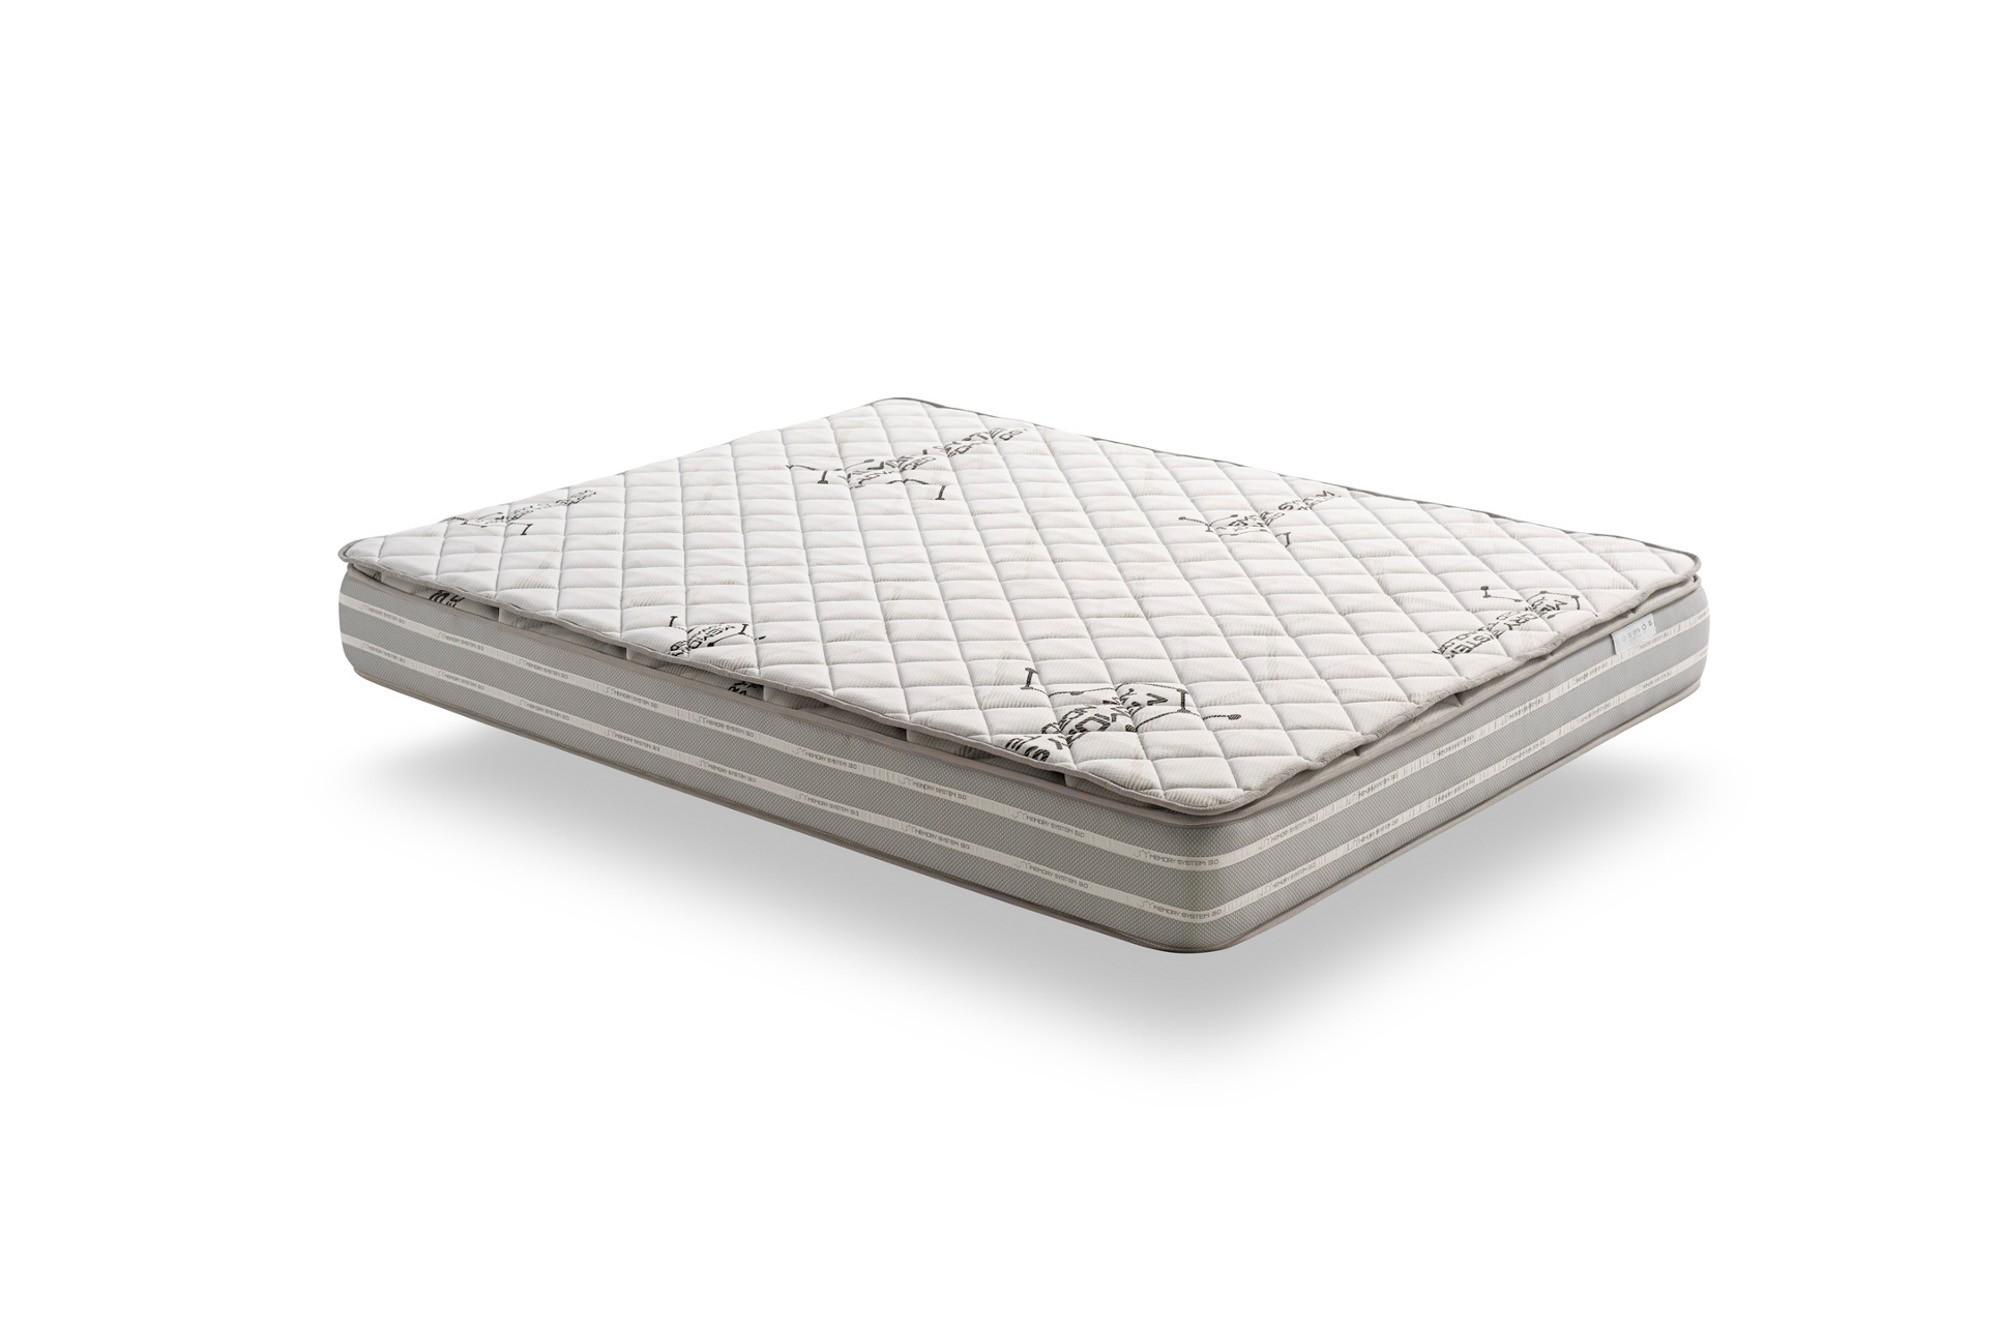 Los tejidos de la ropa de cama Cosmos® tienen tratamientos antiácaros, antibacterianos y antifungicidas y están certificados como libres de sustancias tóxicas por Oeko-Tex®.